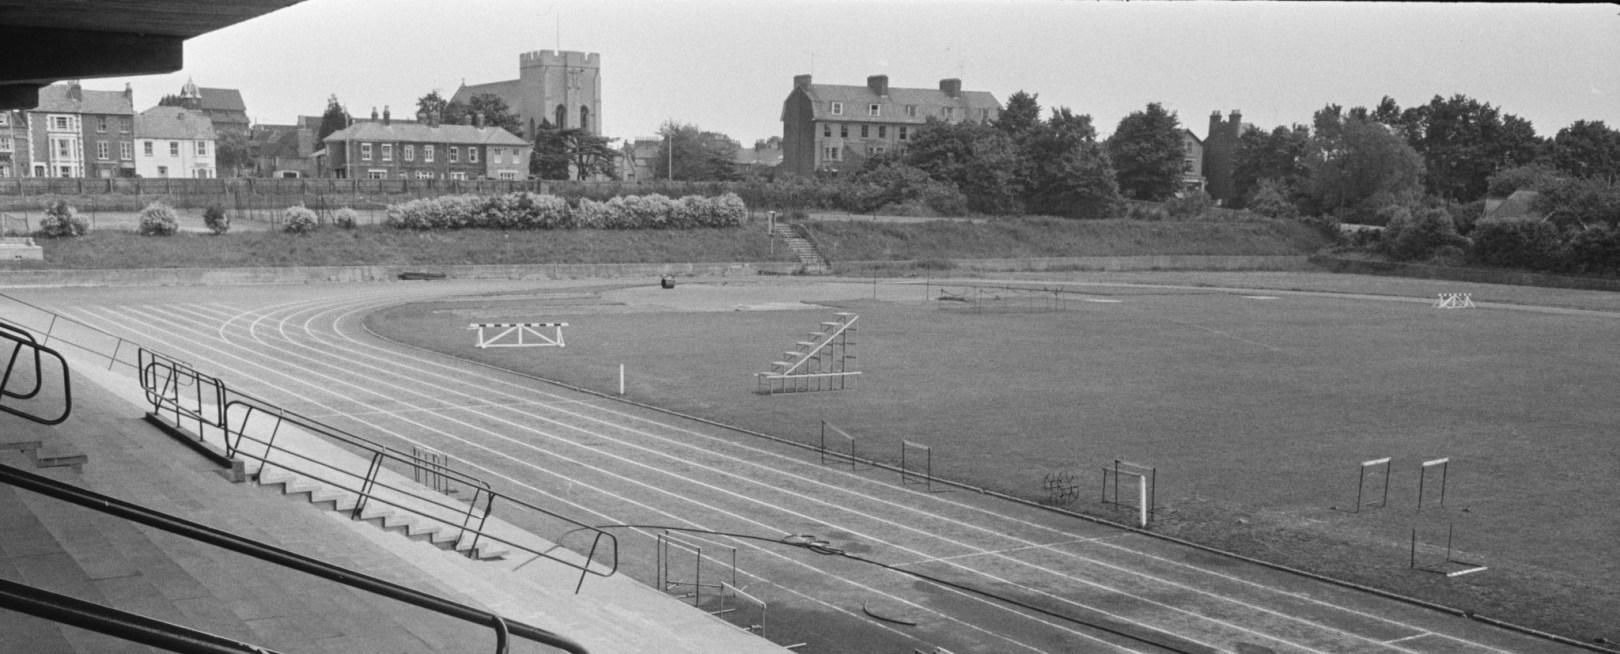 Iffley Road 1963